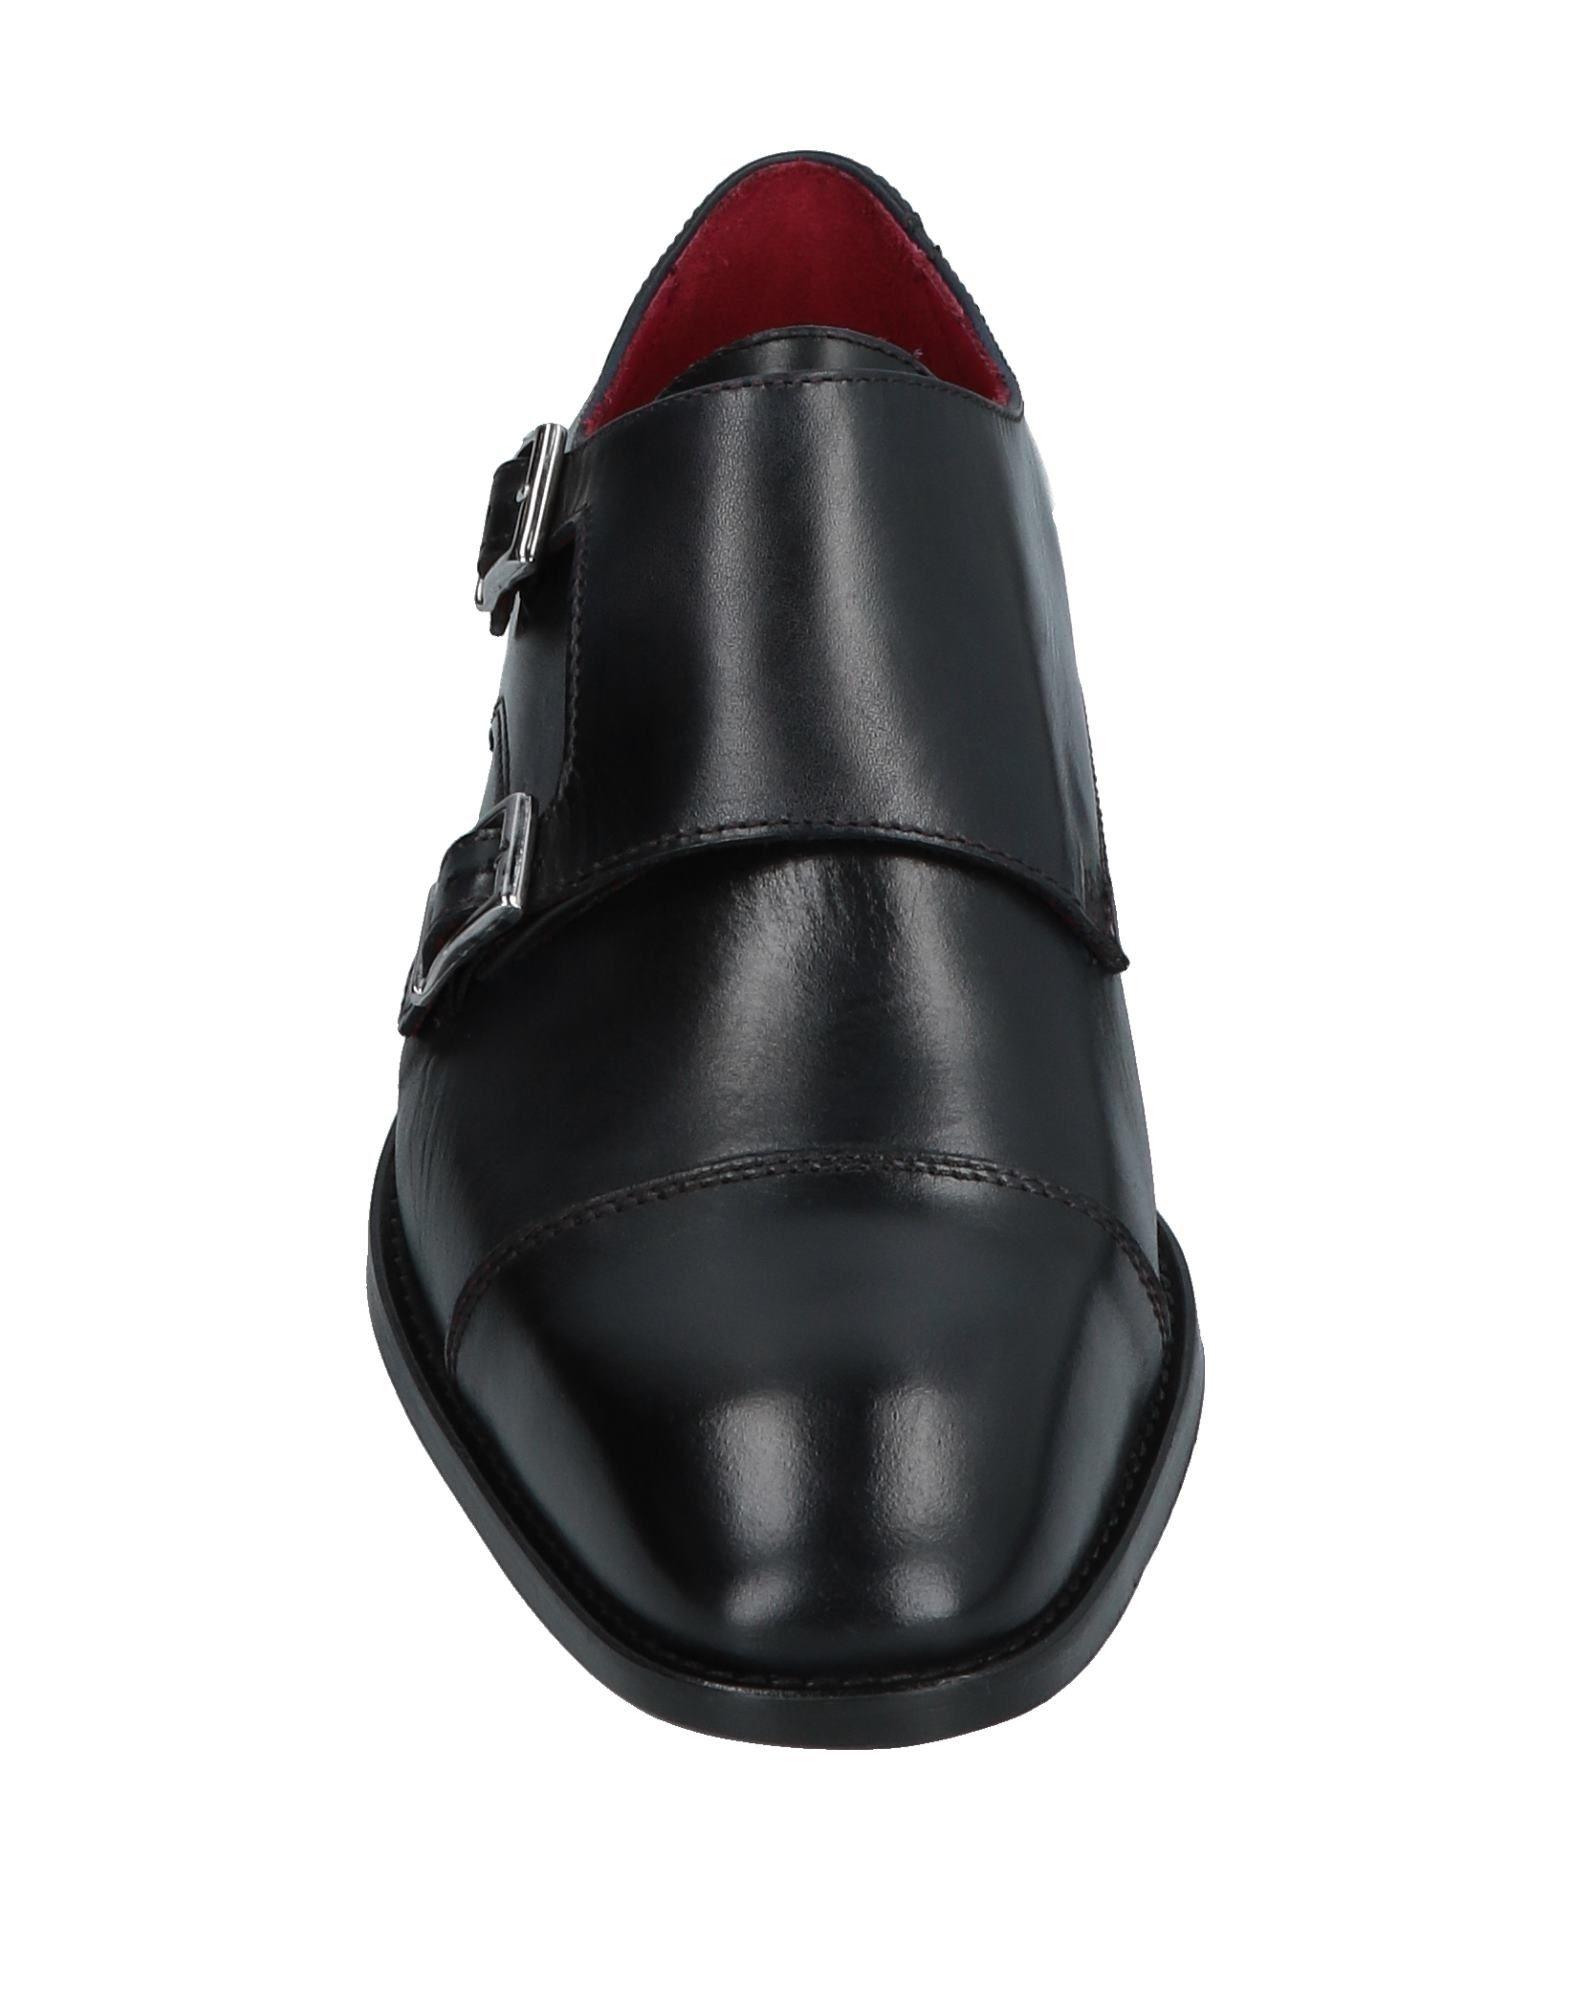 Bruno Magli Mokassins Herren beliebte  11571246NI Gute Qualität beliebte Herren Schuhe f790e8